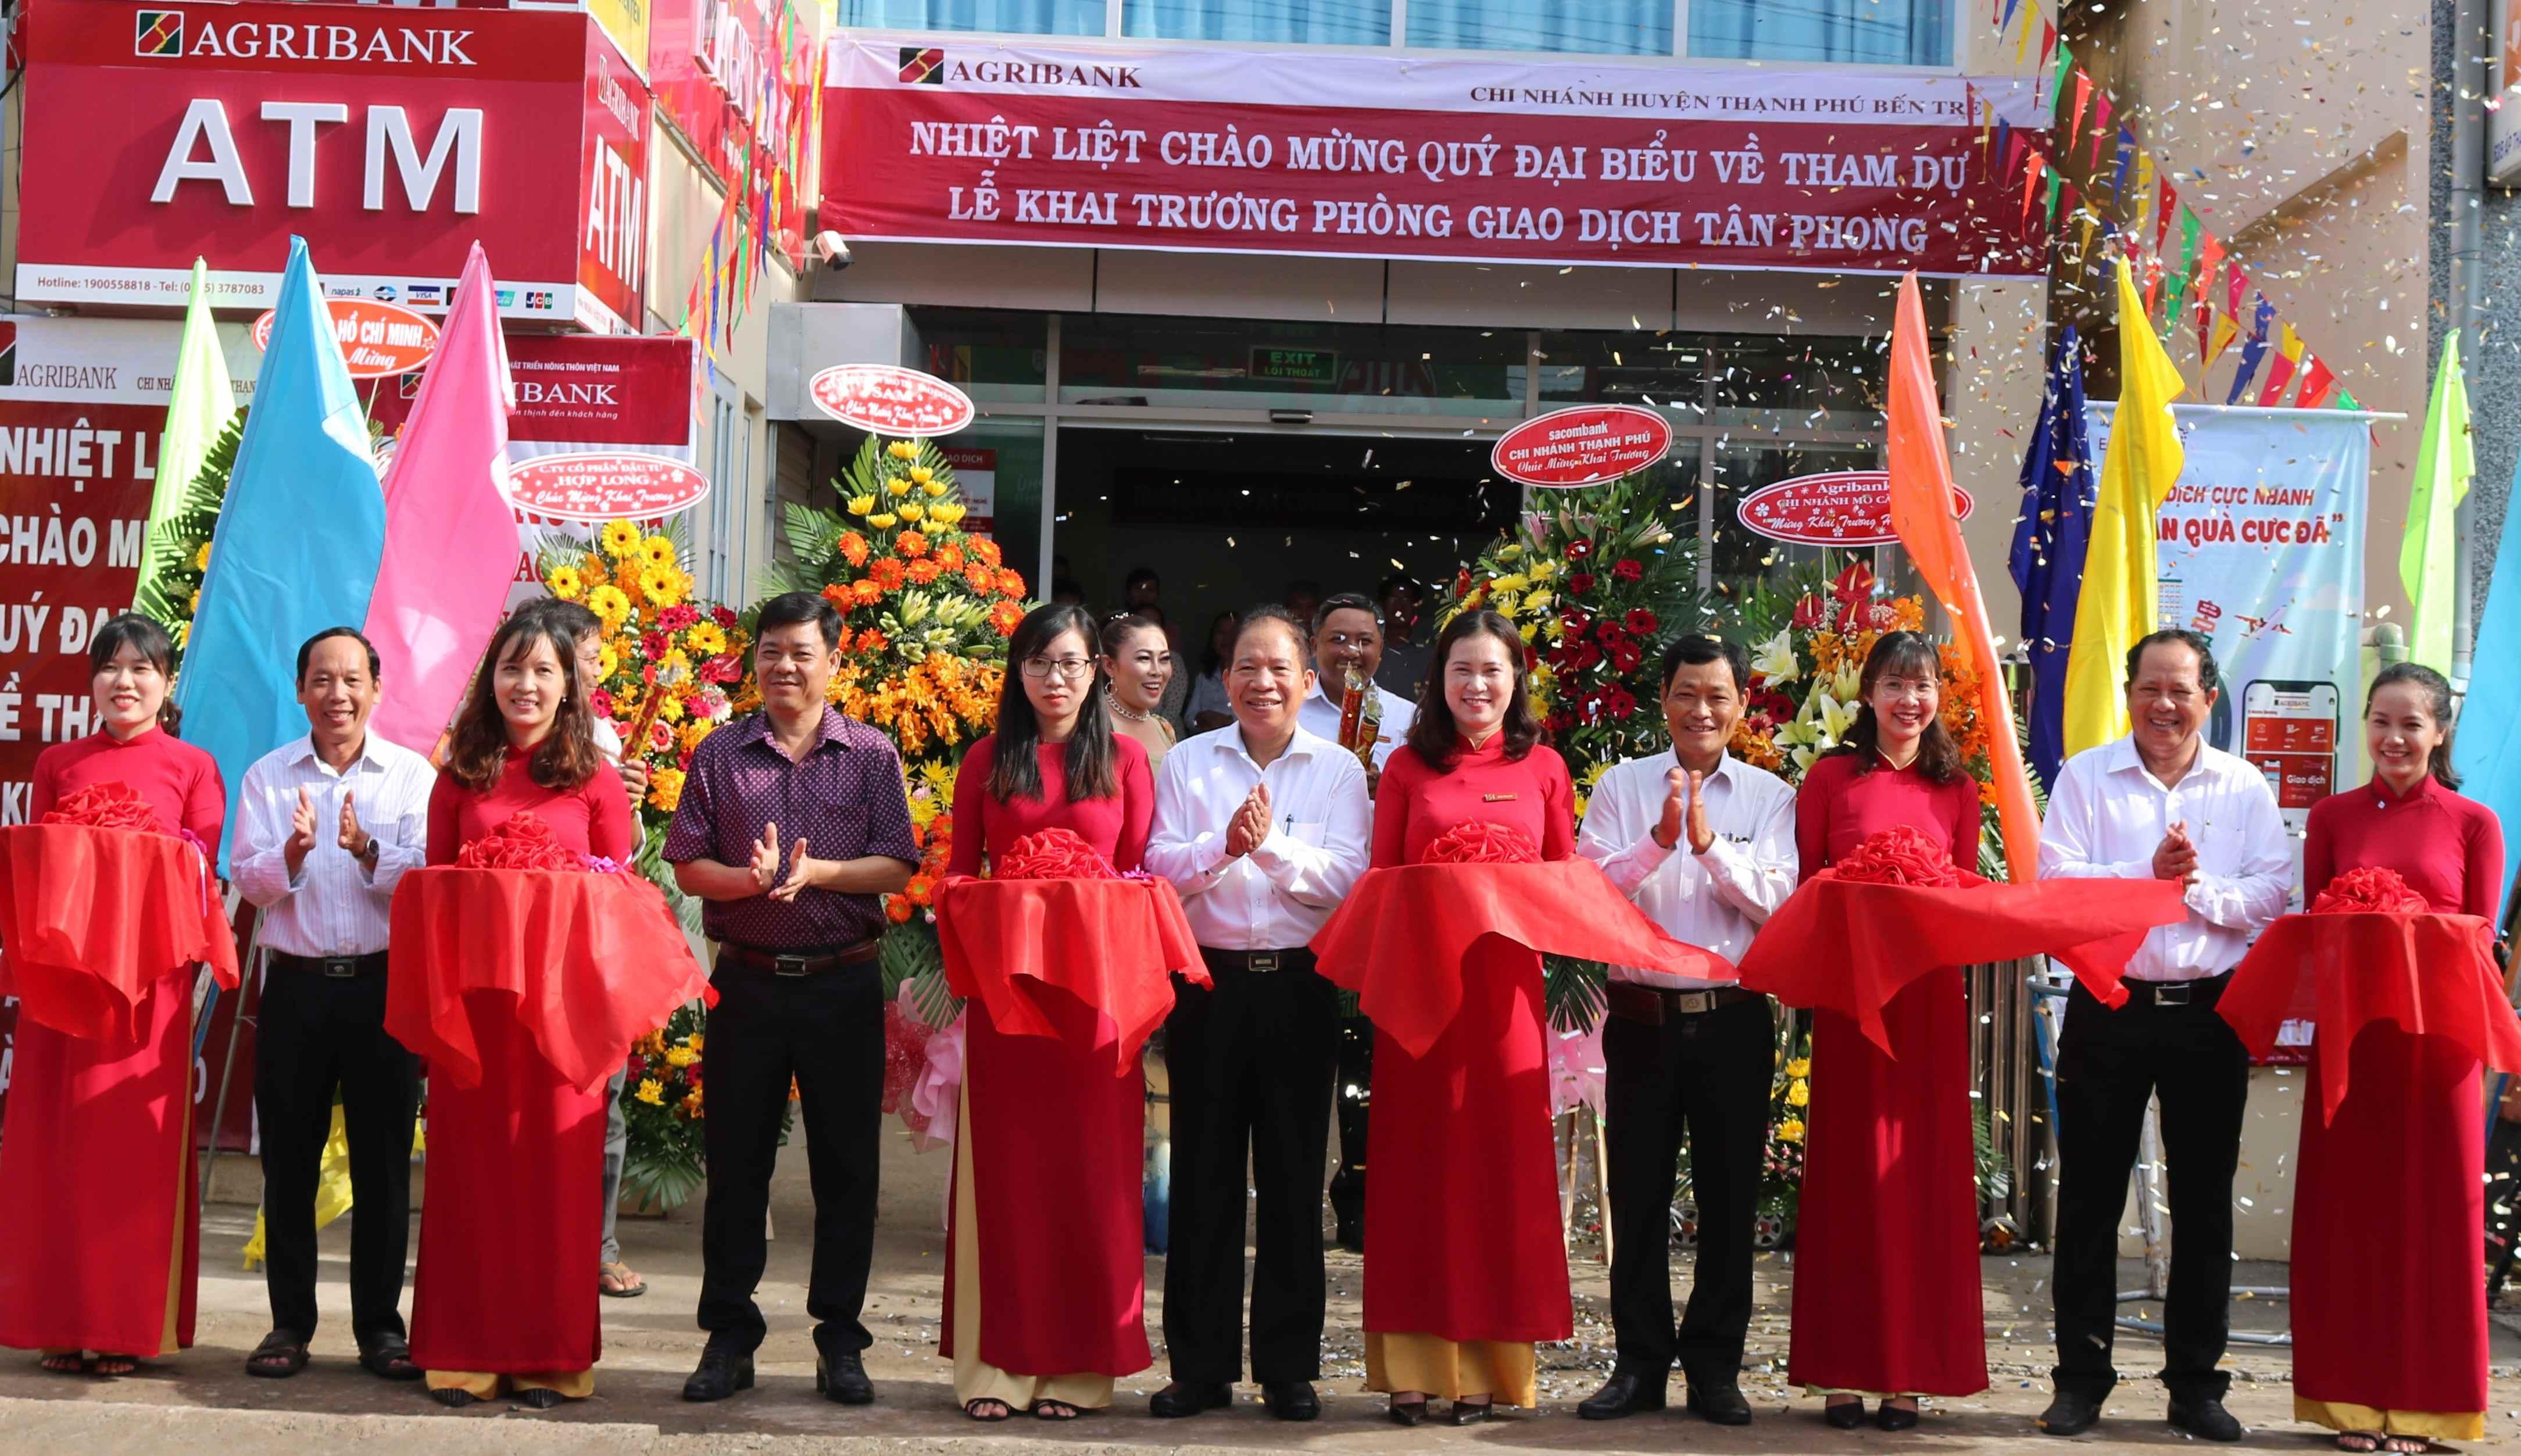 Agribank Bến Tre: Khai trương Phòng Giao dịch Tân Phong, huyện Thạnh Phú